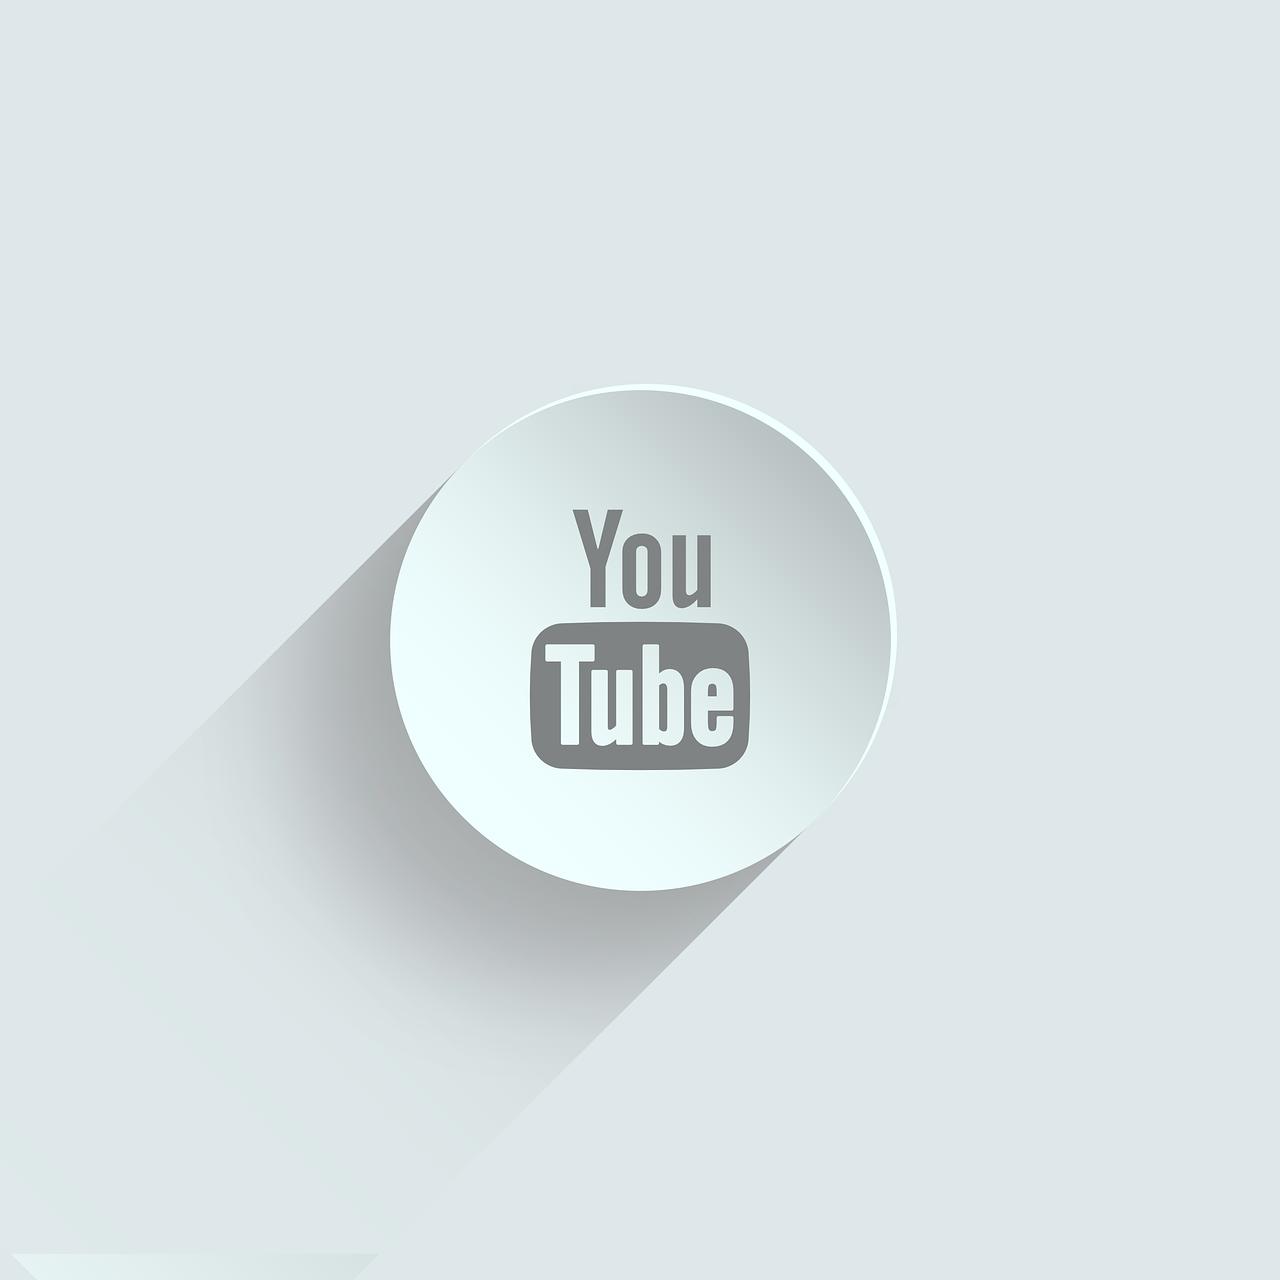 icon, youtube, youtube icon